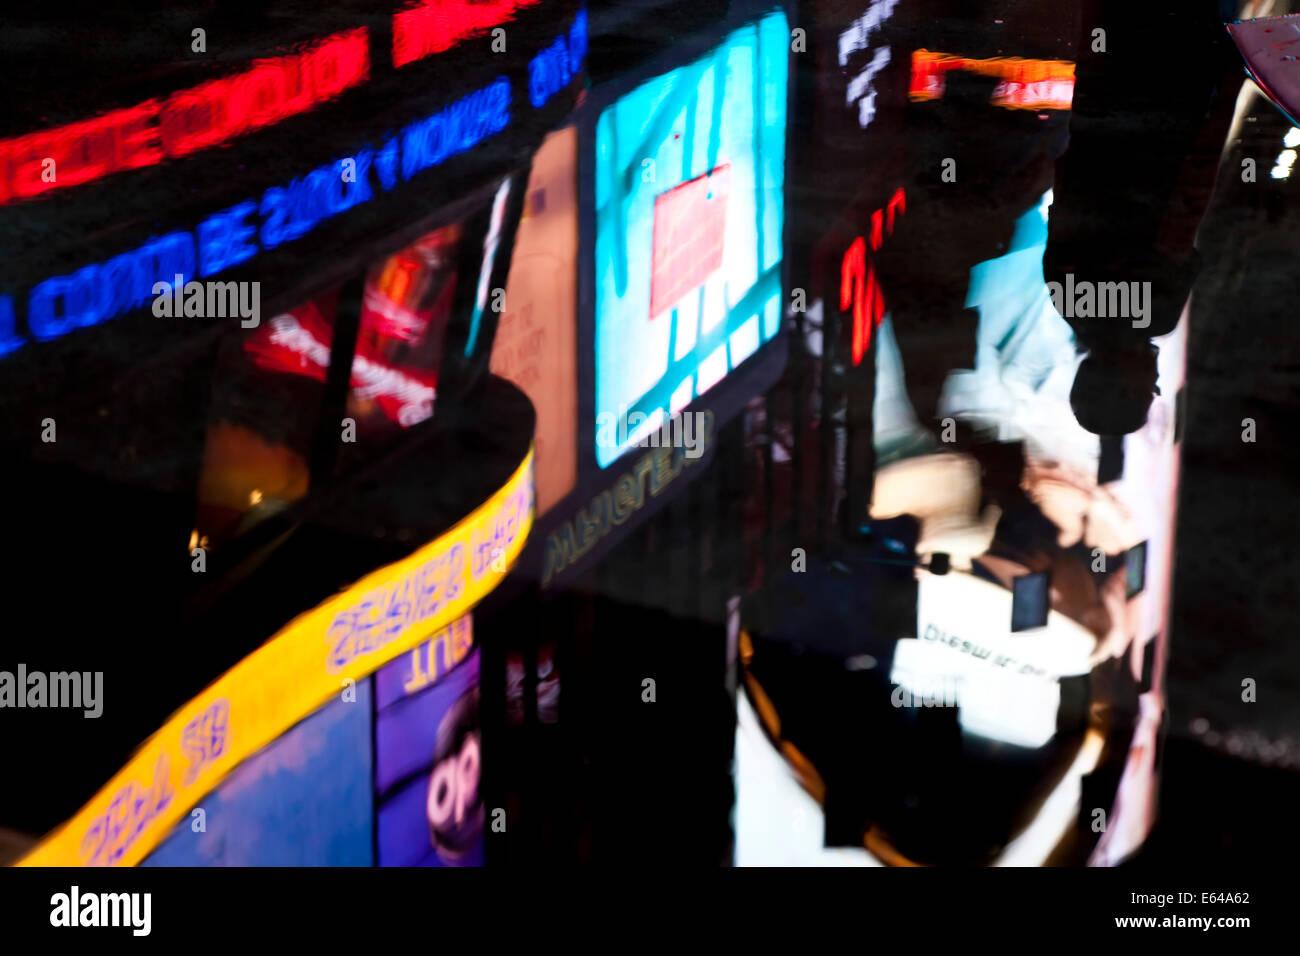 Riflessioni di neon in Times Square Manhattan, New York, Stati Uniti d'America Immagini Stock